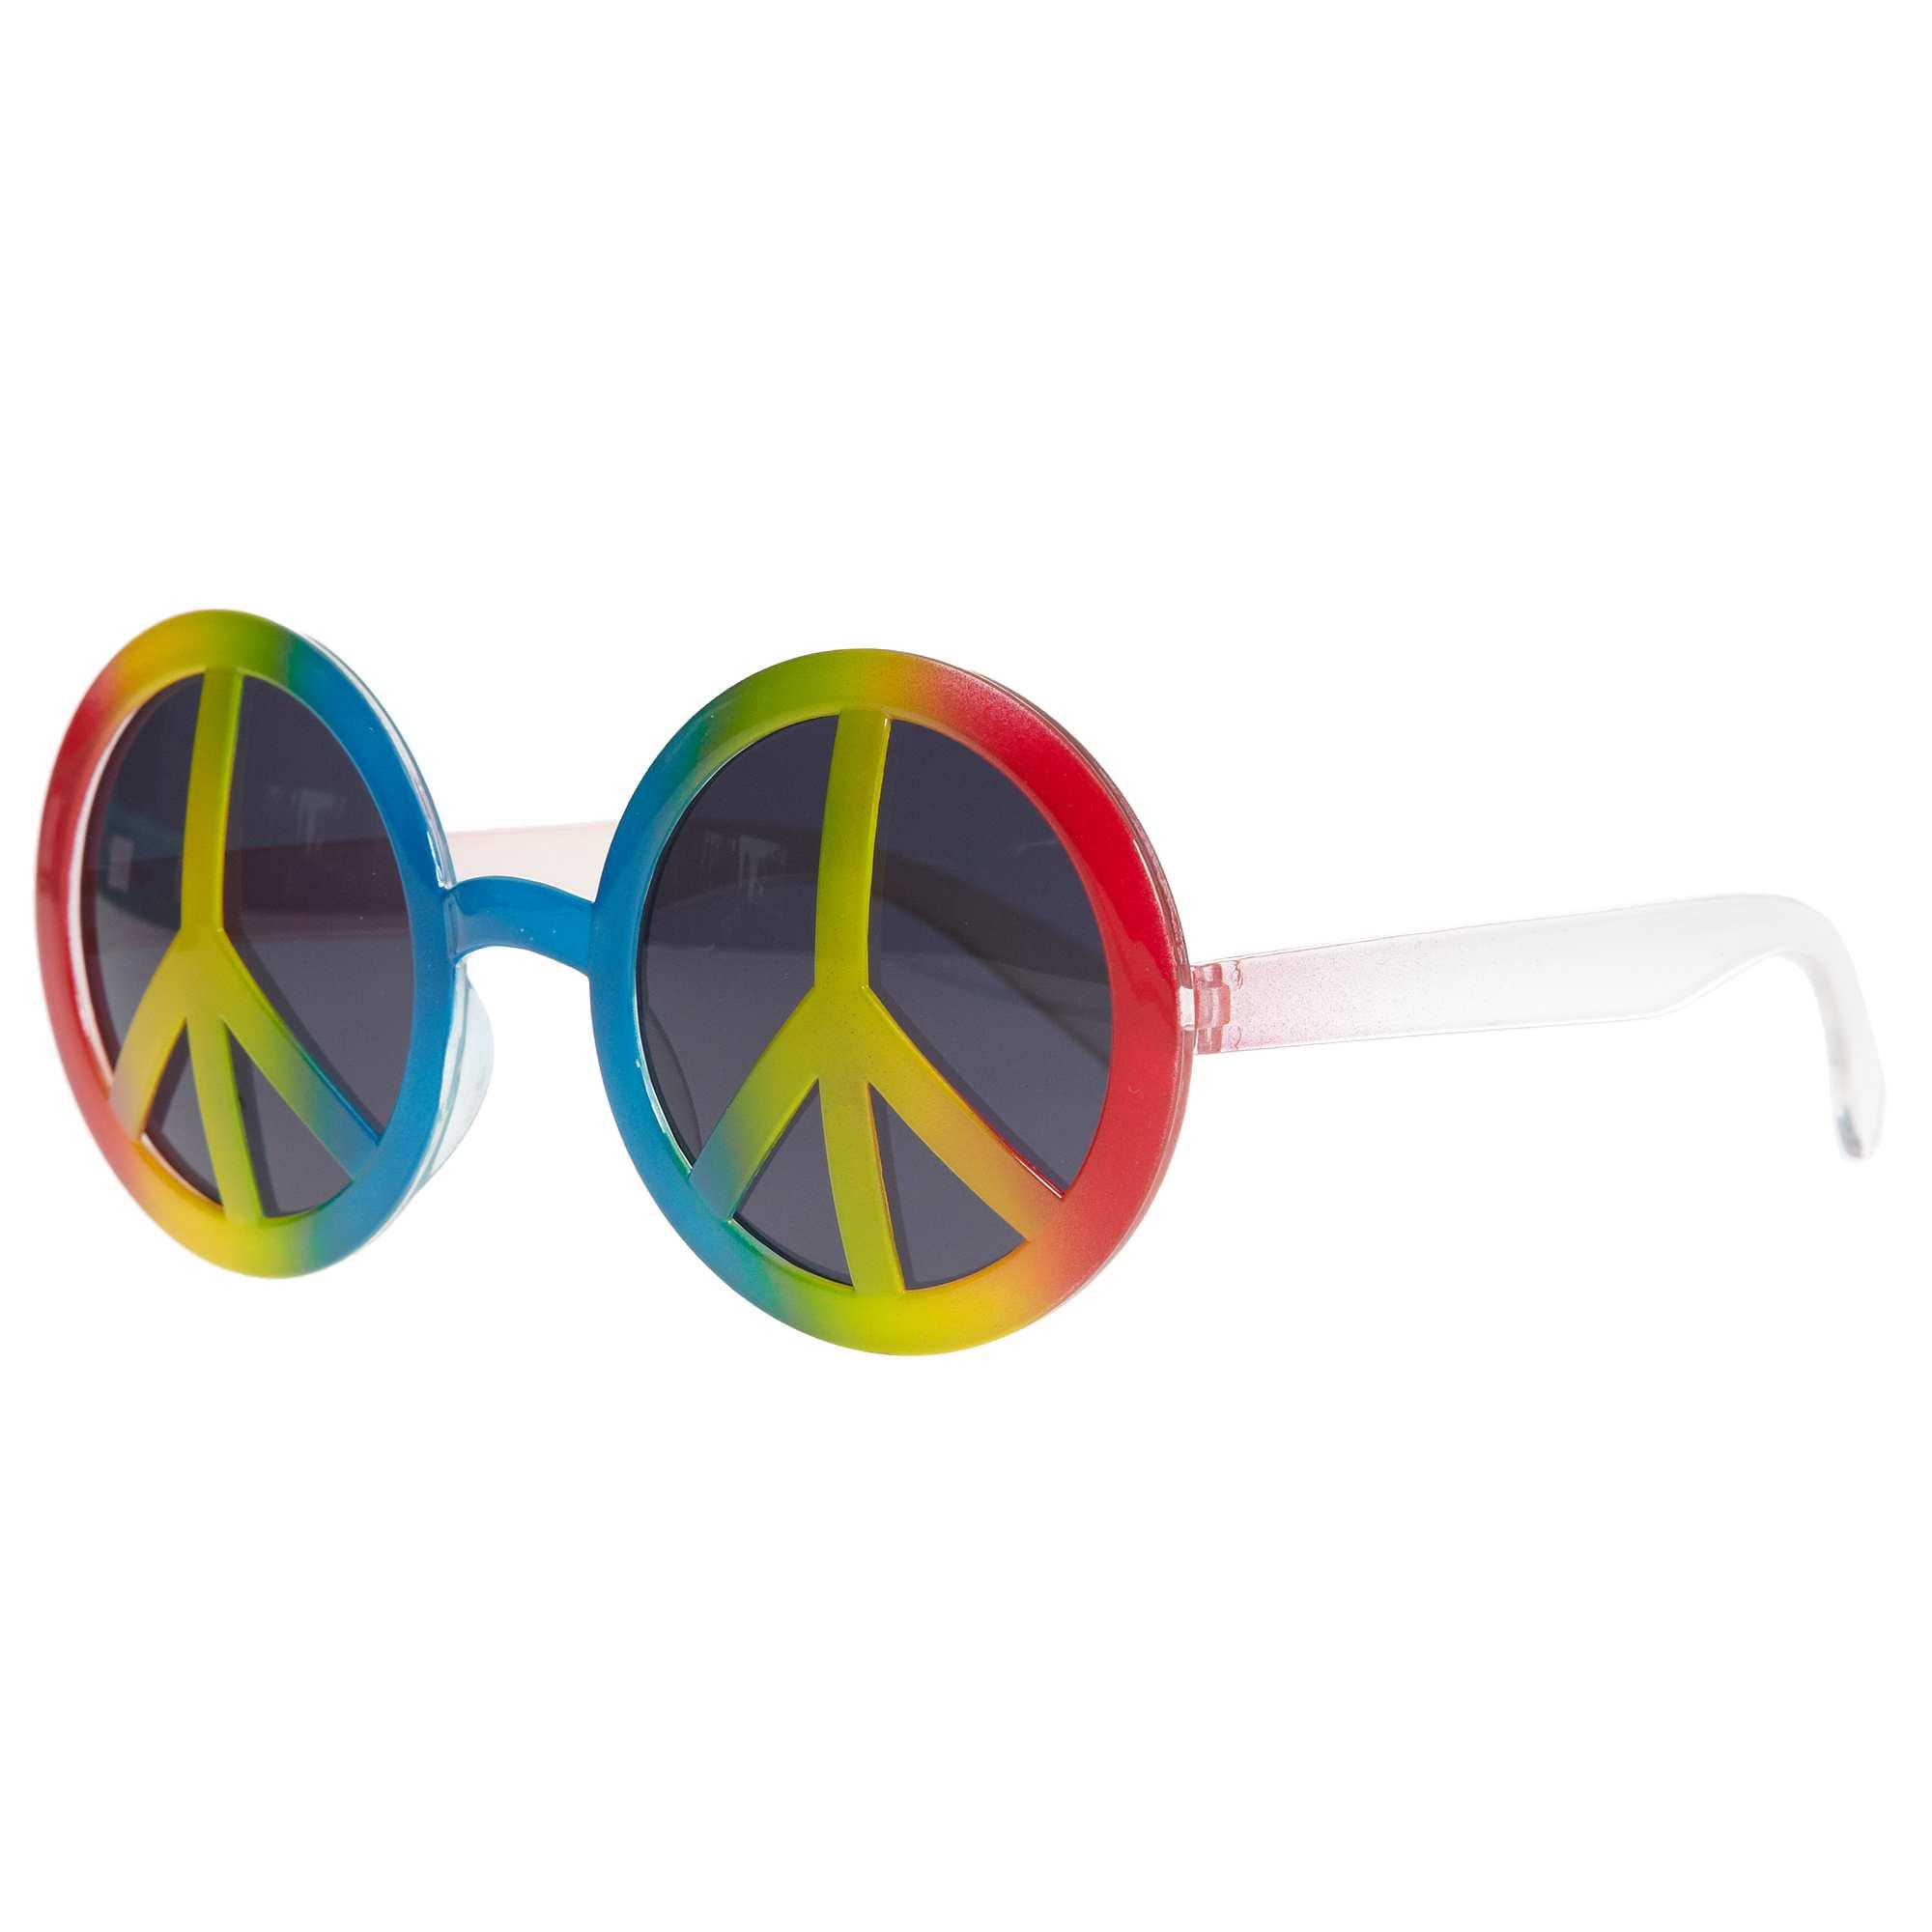 Couleur : multicolore, , ,, - Taille : TU, , ,,Adoptez le look du parfait hippie avec les lunettes rondes en plastique peace and love